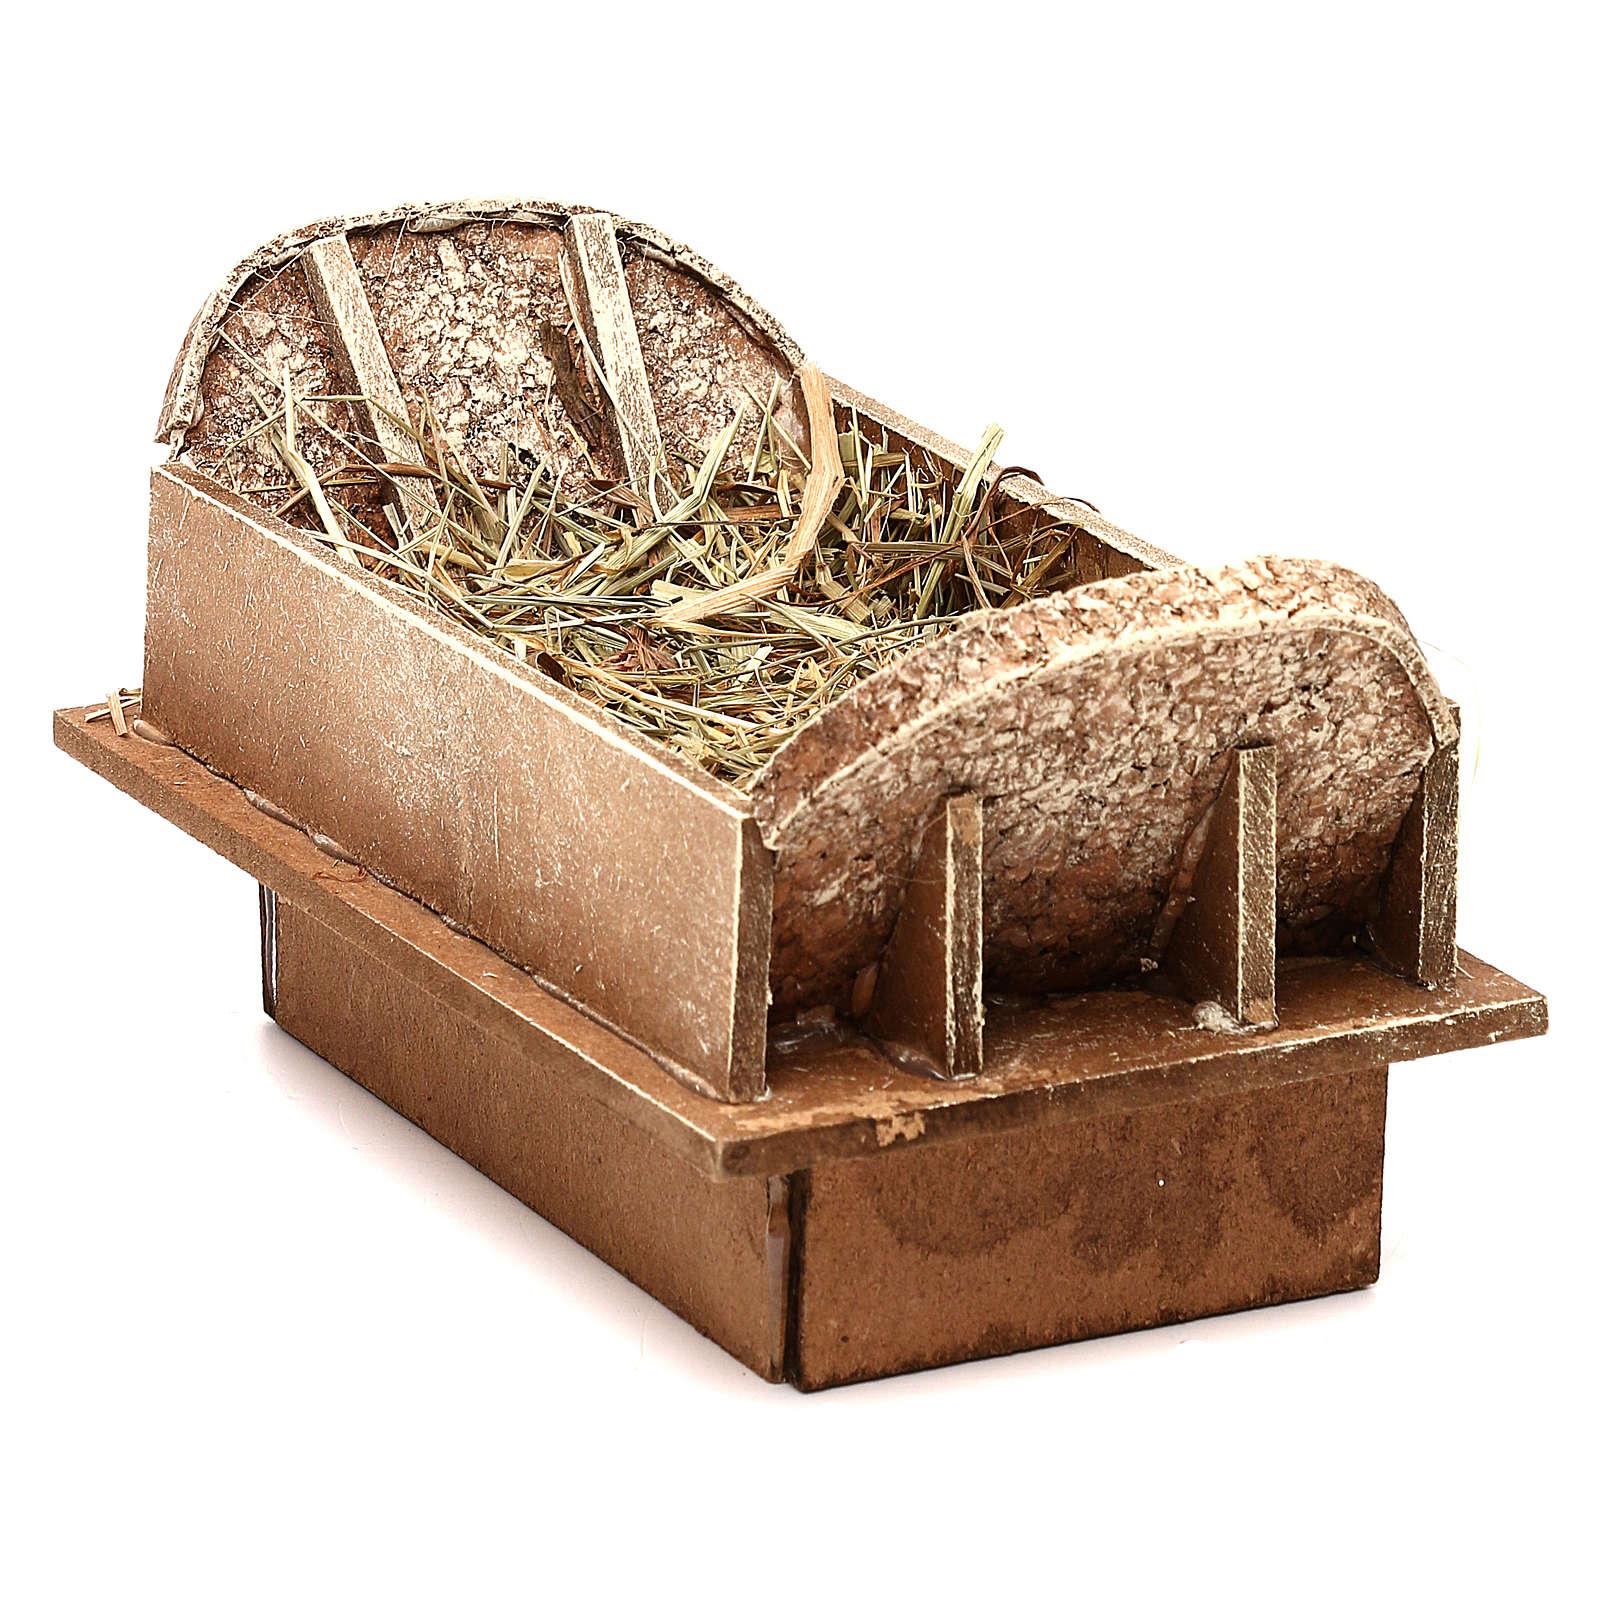 Cuna de madera y pajizo belén 16-18 cm 3